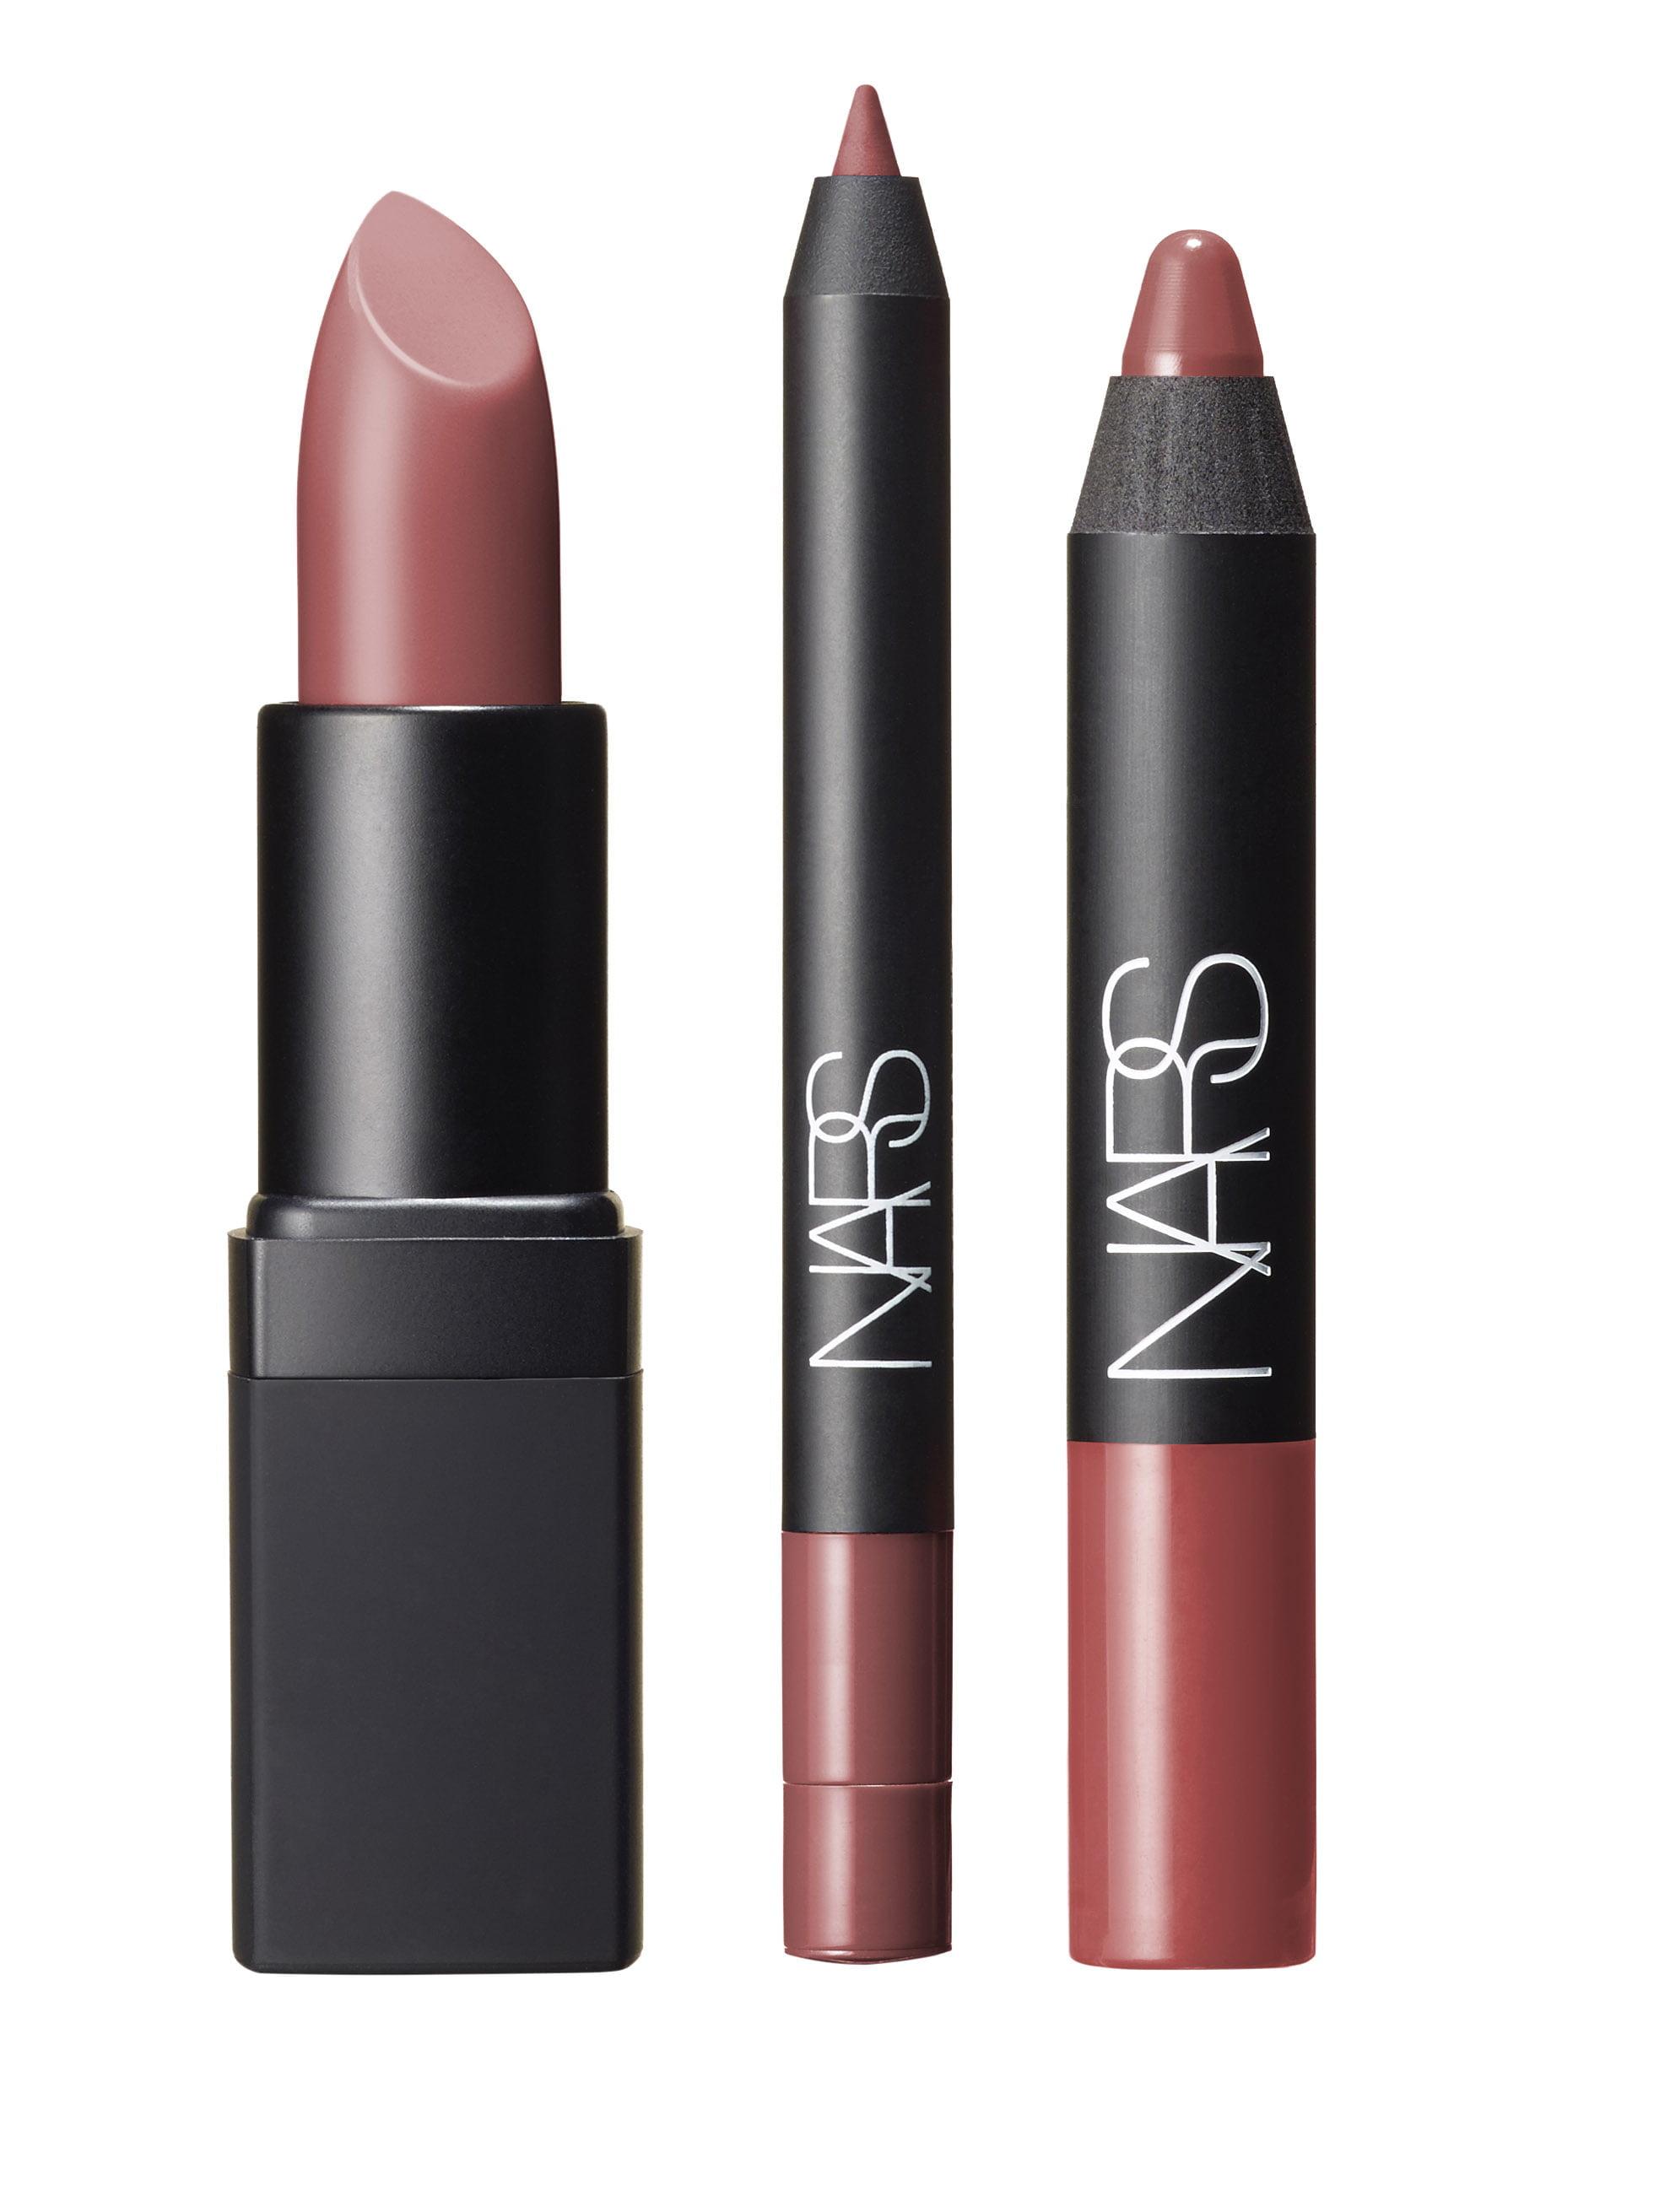 A Woman's face nude lip set